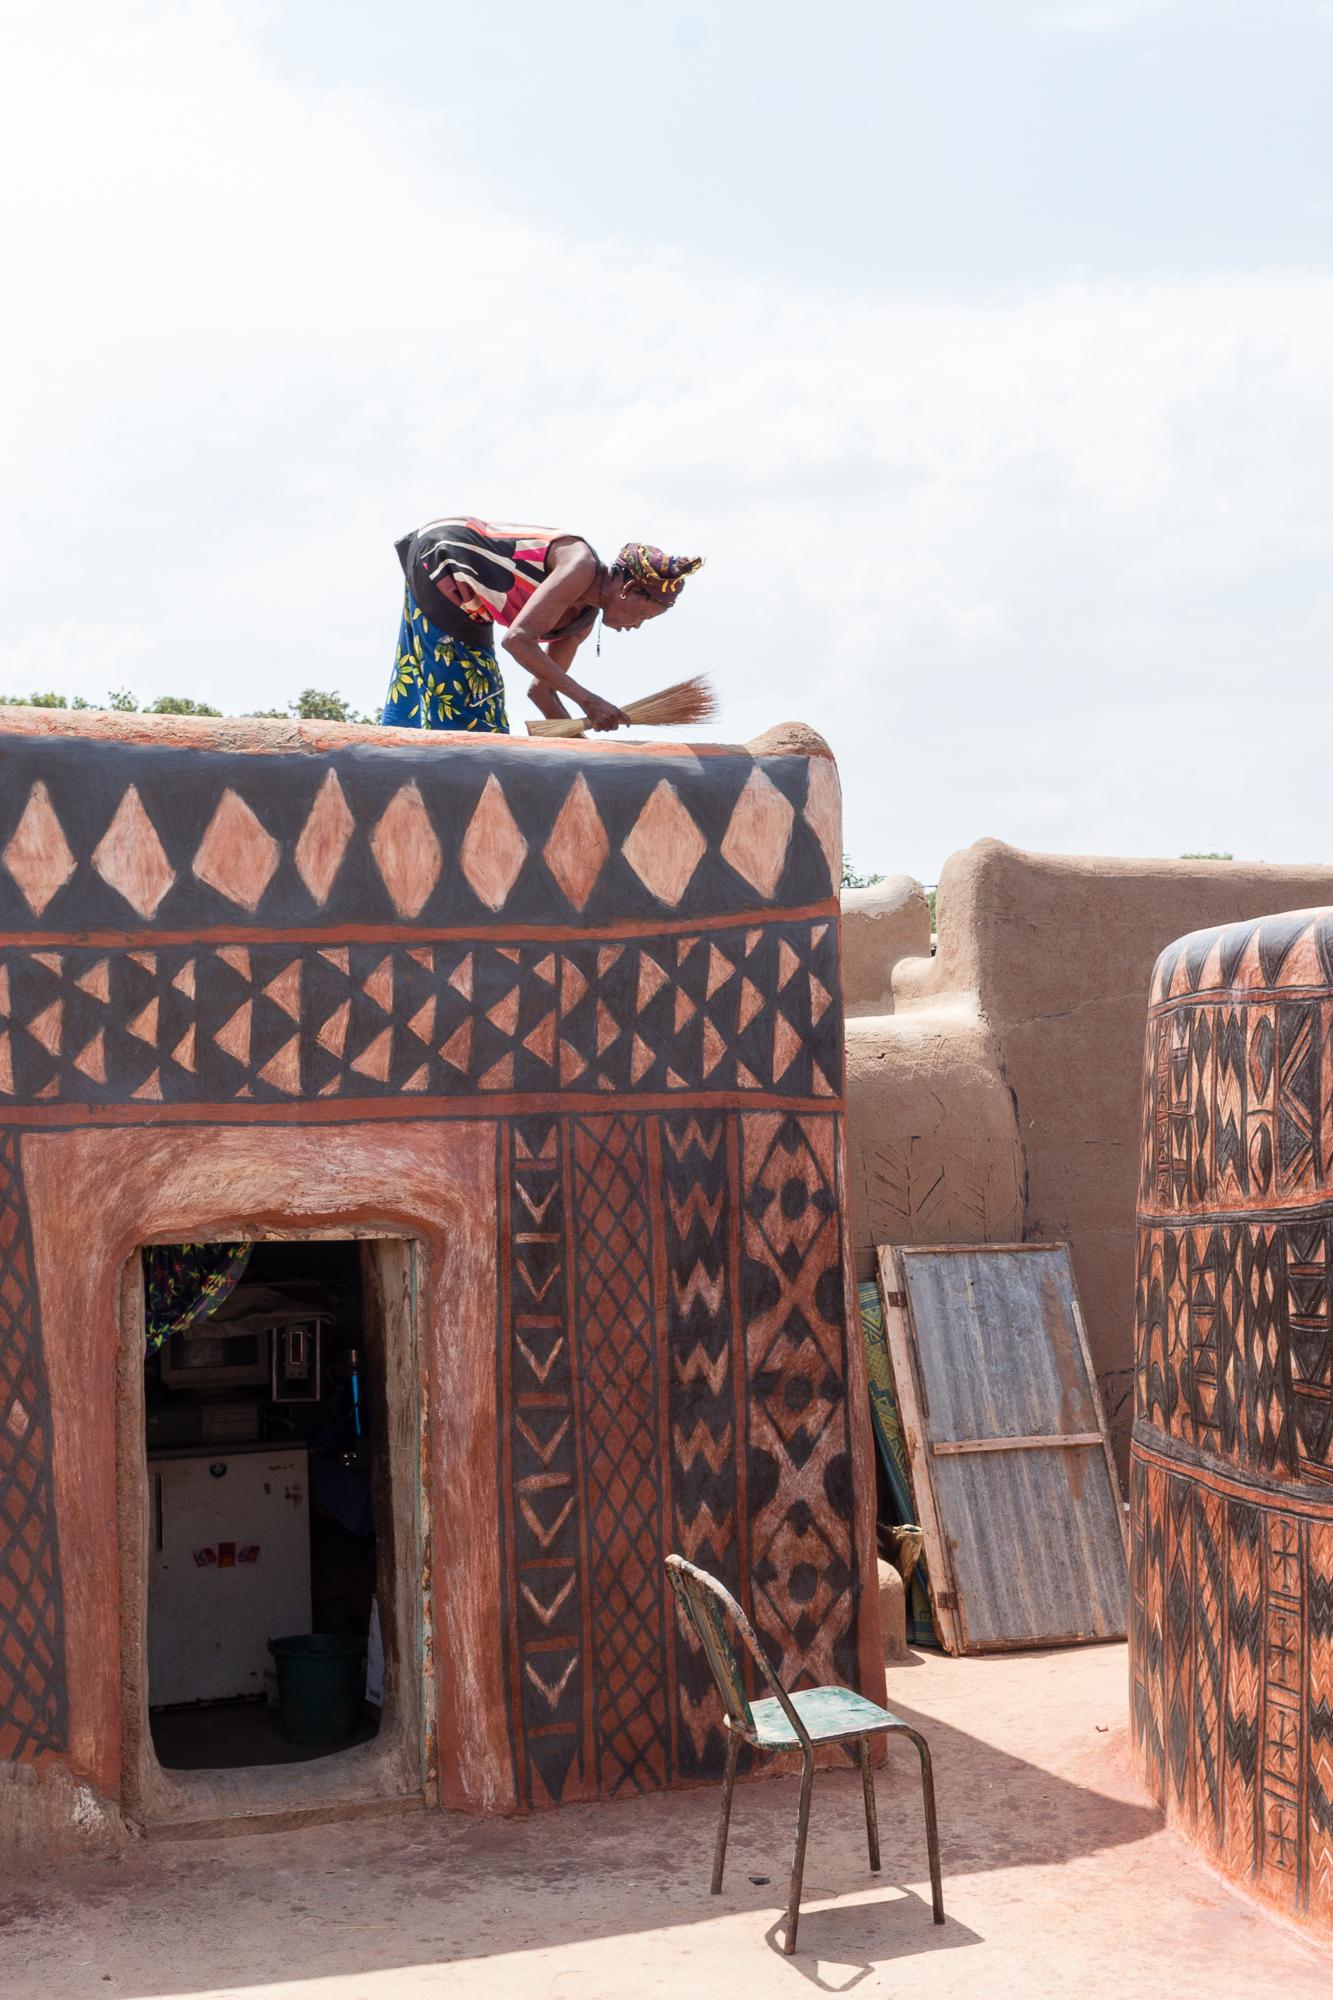 Femme se préparant à passer une couche de vernis sur les motifs peints de sa case, cour royale, Tiébélé, Burkina Faso